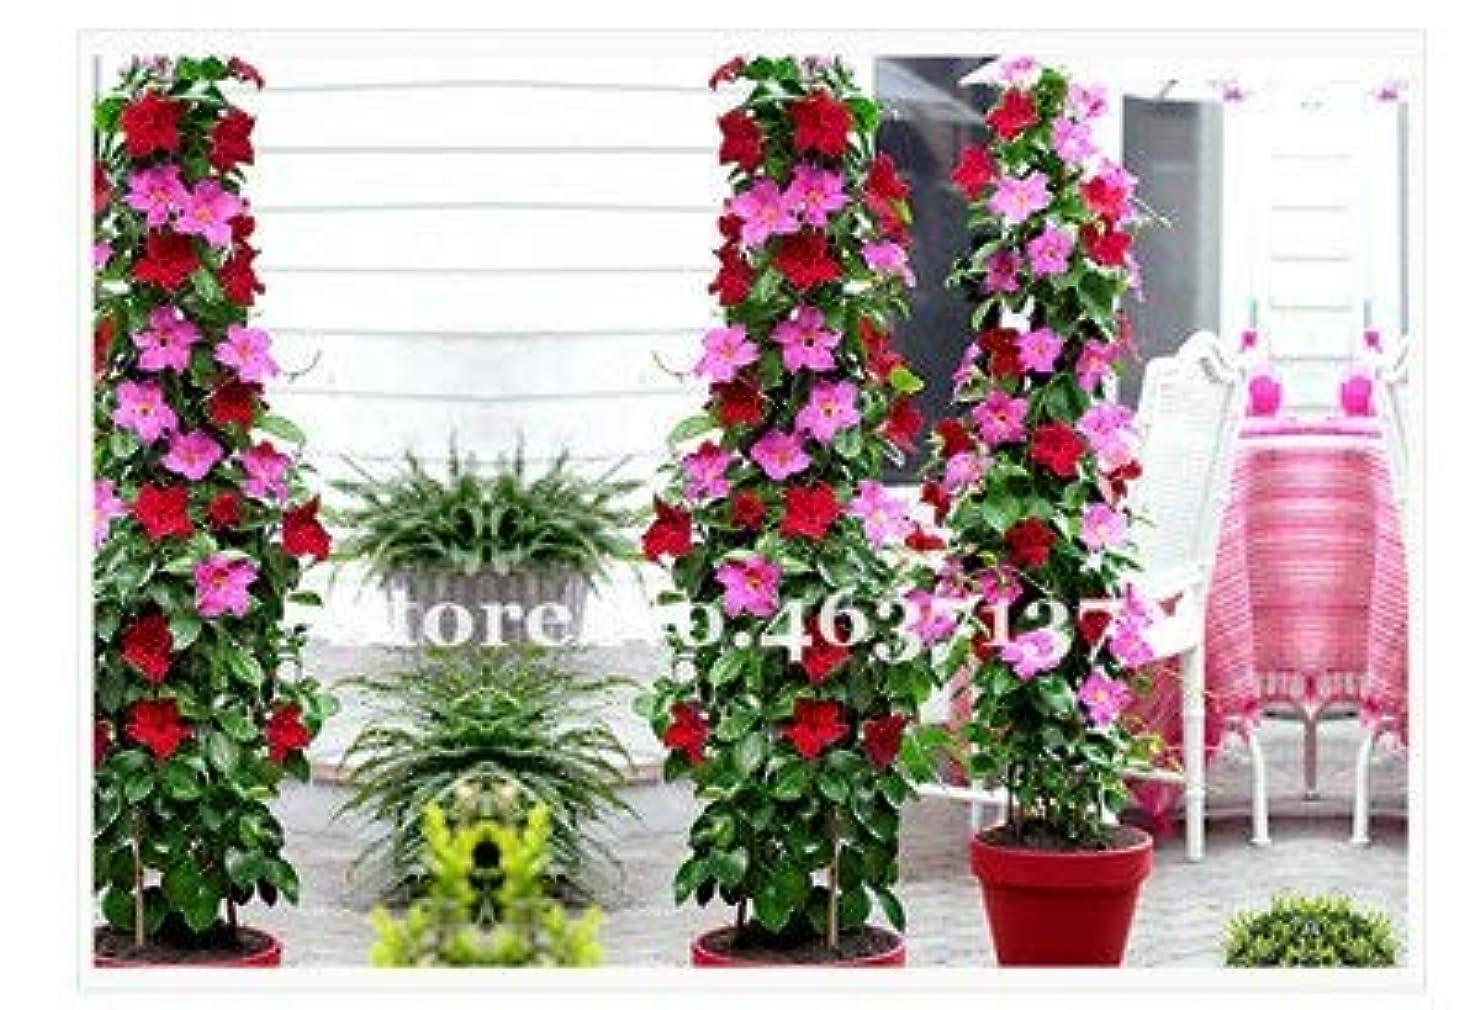 不適切な助けて憲法ホット200個ミックスDipladenia盆栽レアジャスミンの花のホームガーデンポット盆栽、すばらしい香り美しい花の余地クライミング:Qを